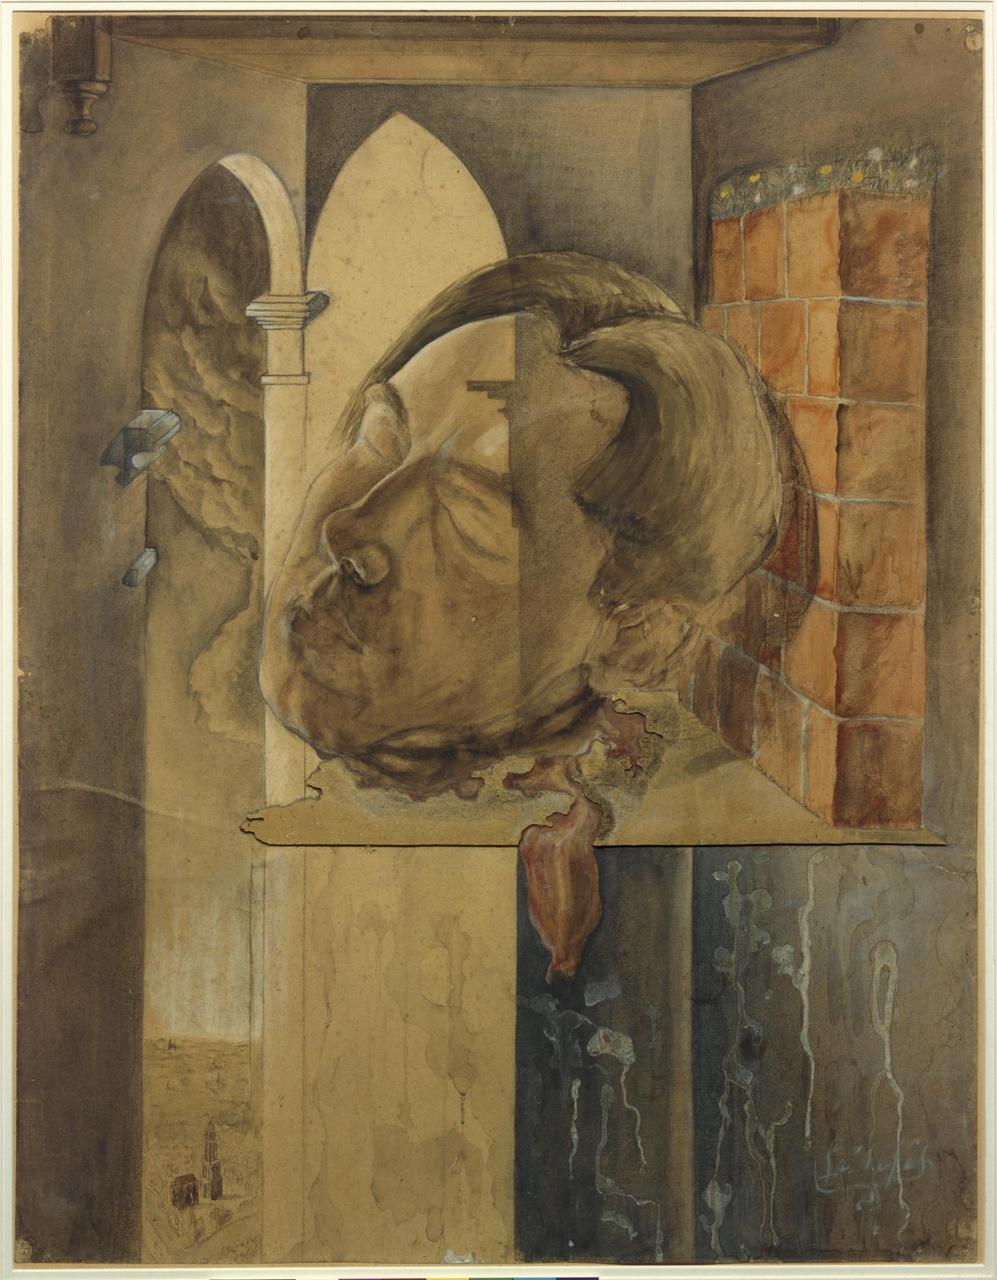 Zelfportret van de kunstenaar als het hoofd van Johannes de Doper